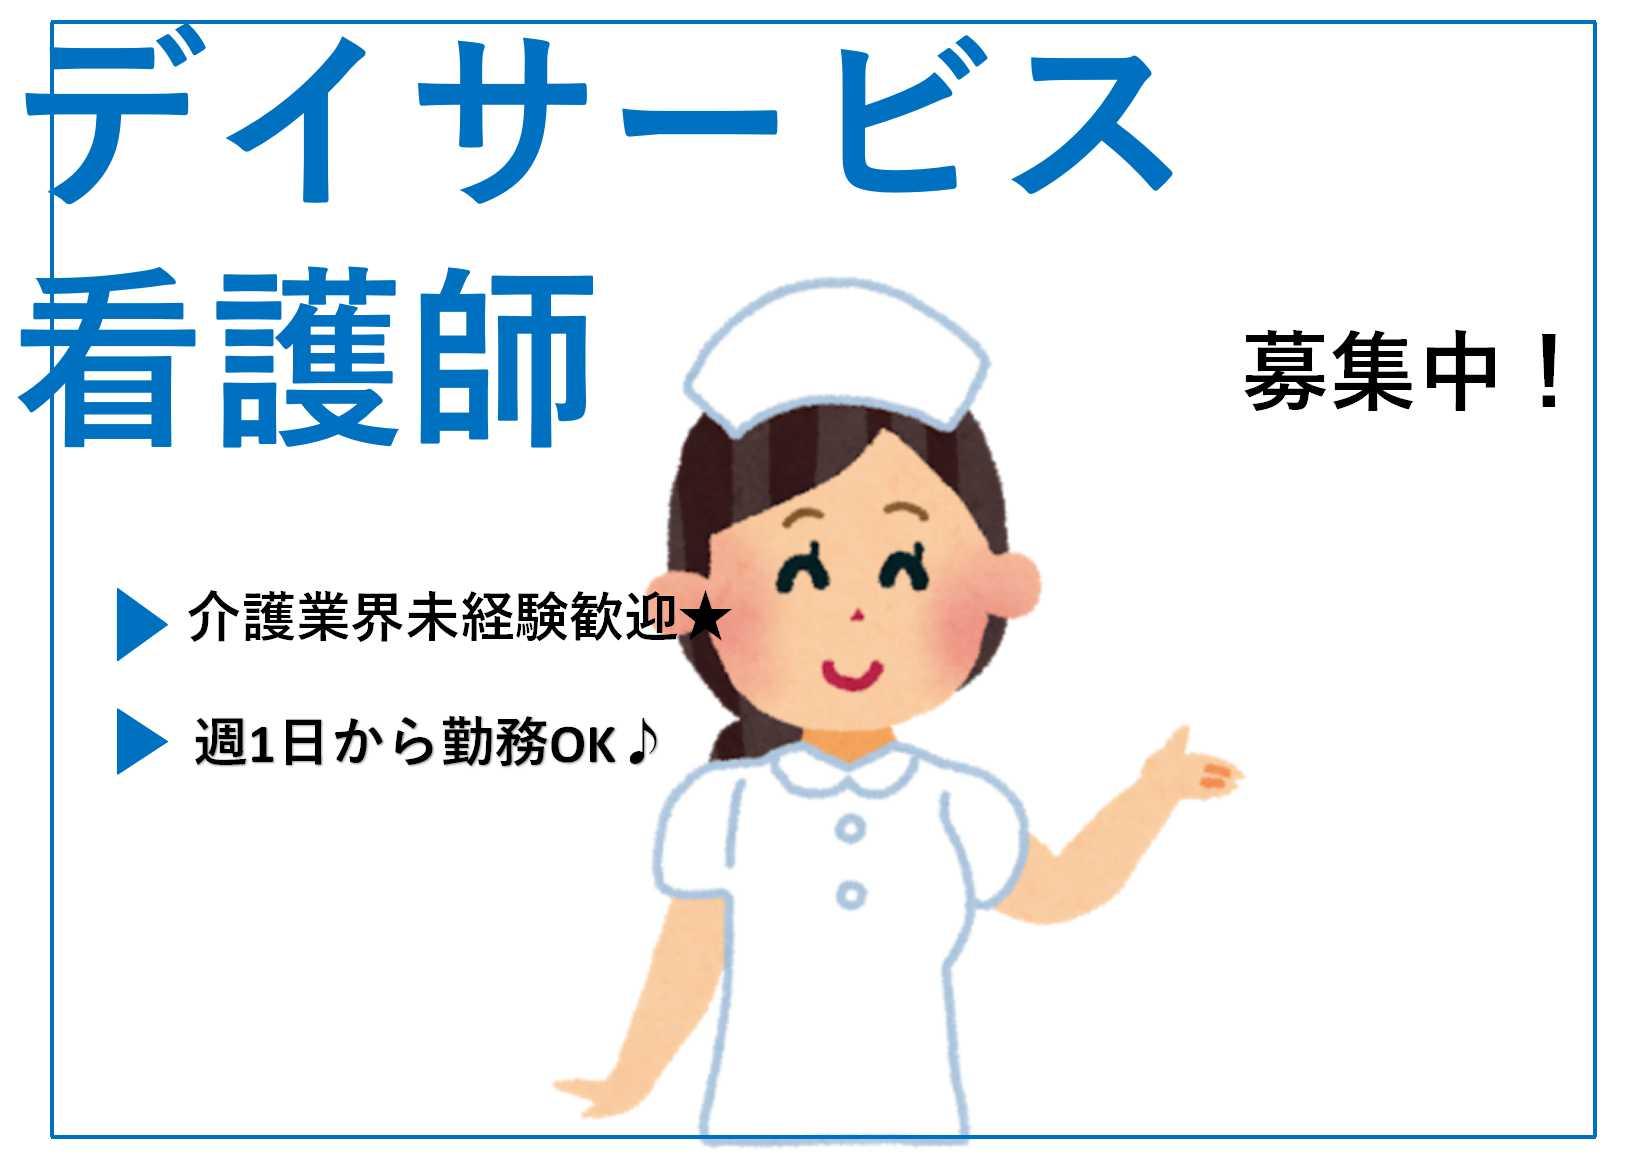 介護業界未経験OK★週1からOK!デイサービス看護師【即面談可能】 イメージ